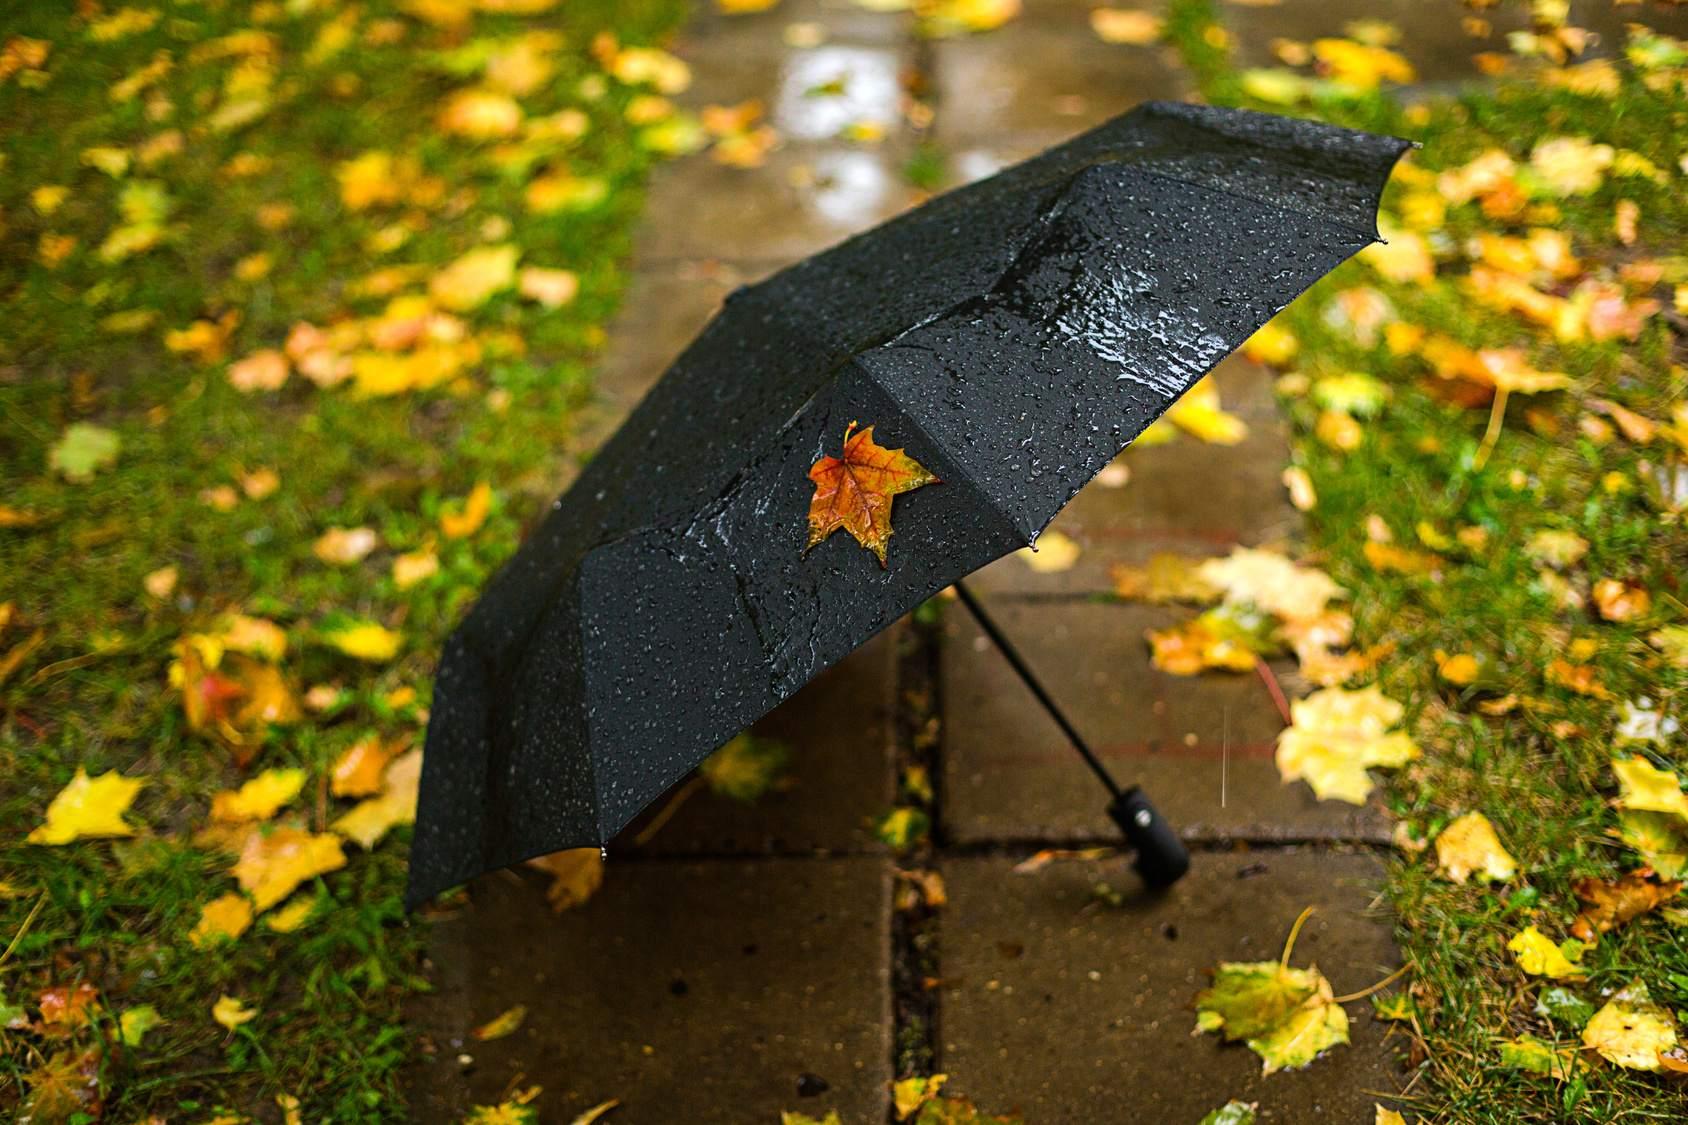 Cơn mưa đầu hè/小糠雨